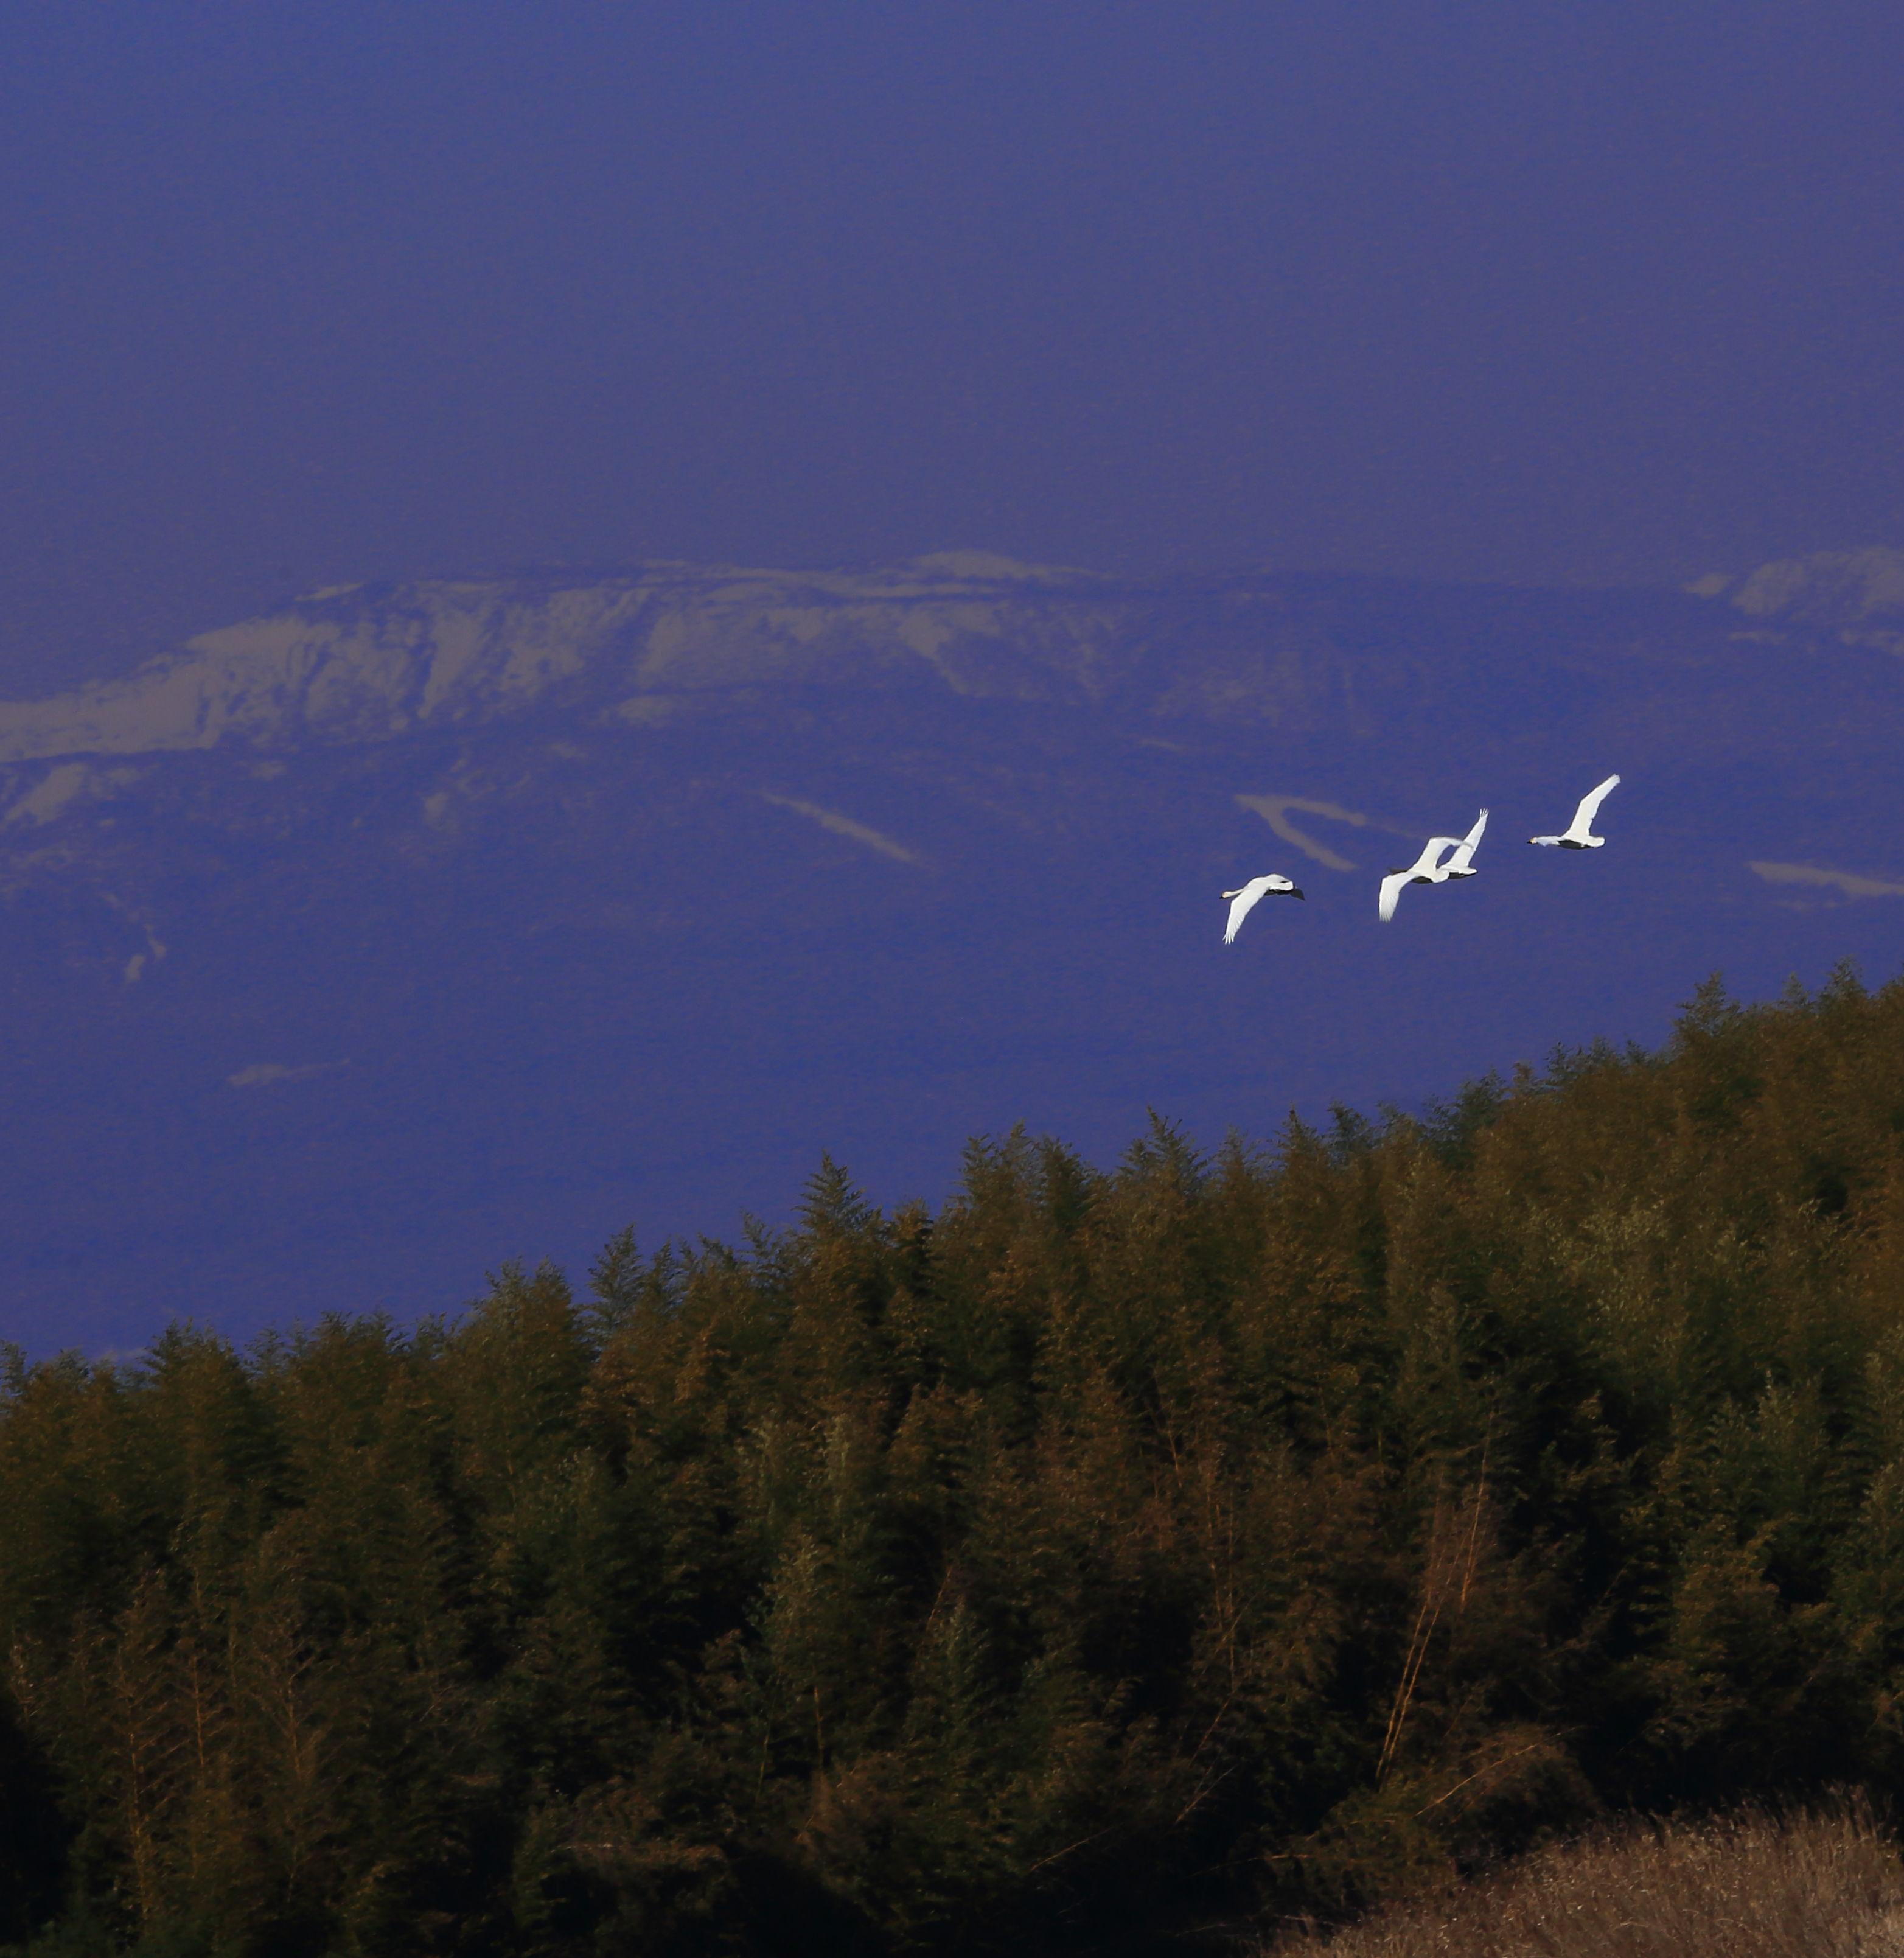 那須岳の向こうに飛んで行くコハクチョウ.JPG